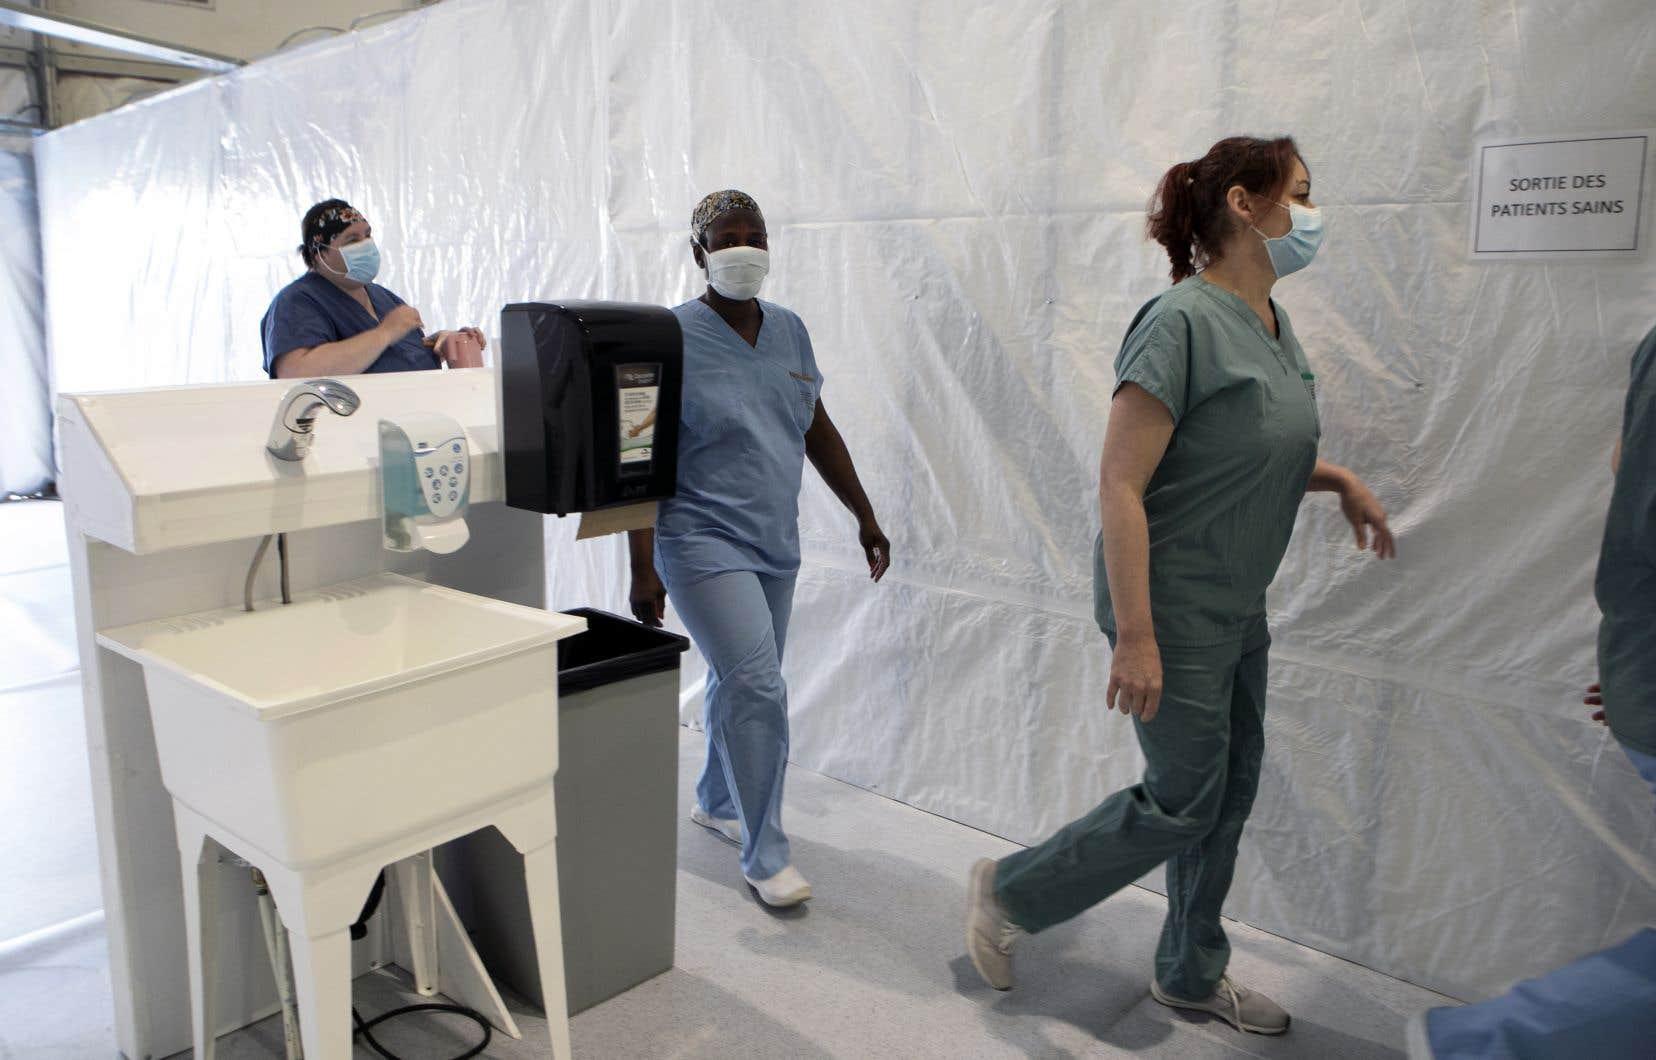 Les infirmières auxiliaires et infirmières travaillent sans relâche depuis le début de la pandémie de coronavirus.